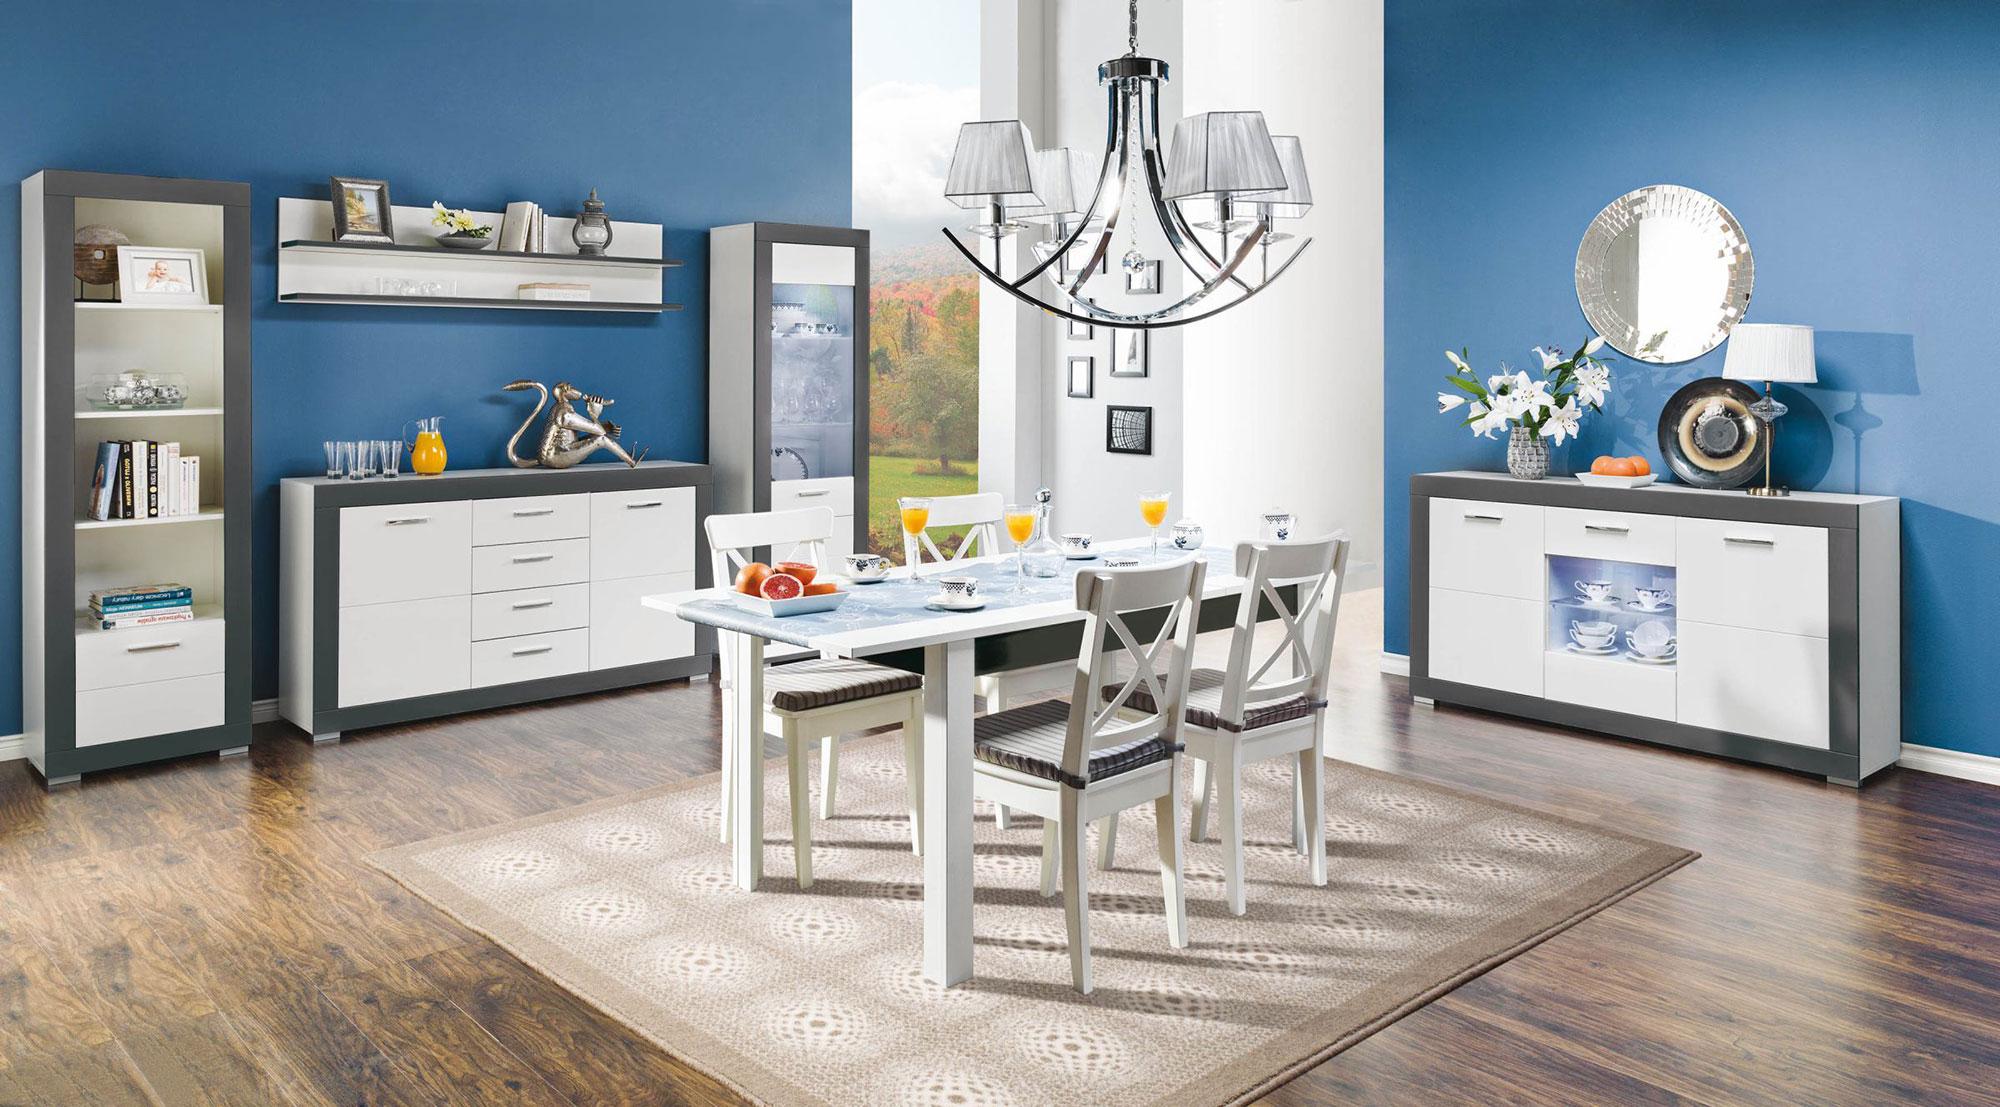 Stół drewniany w nowoczesnym wnętrzu